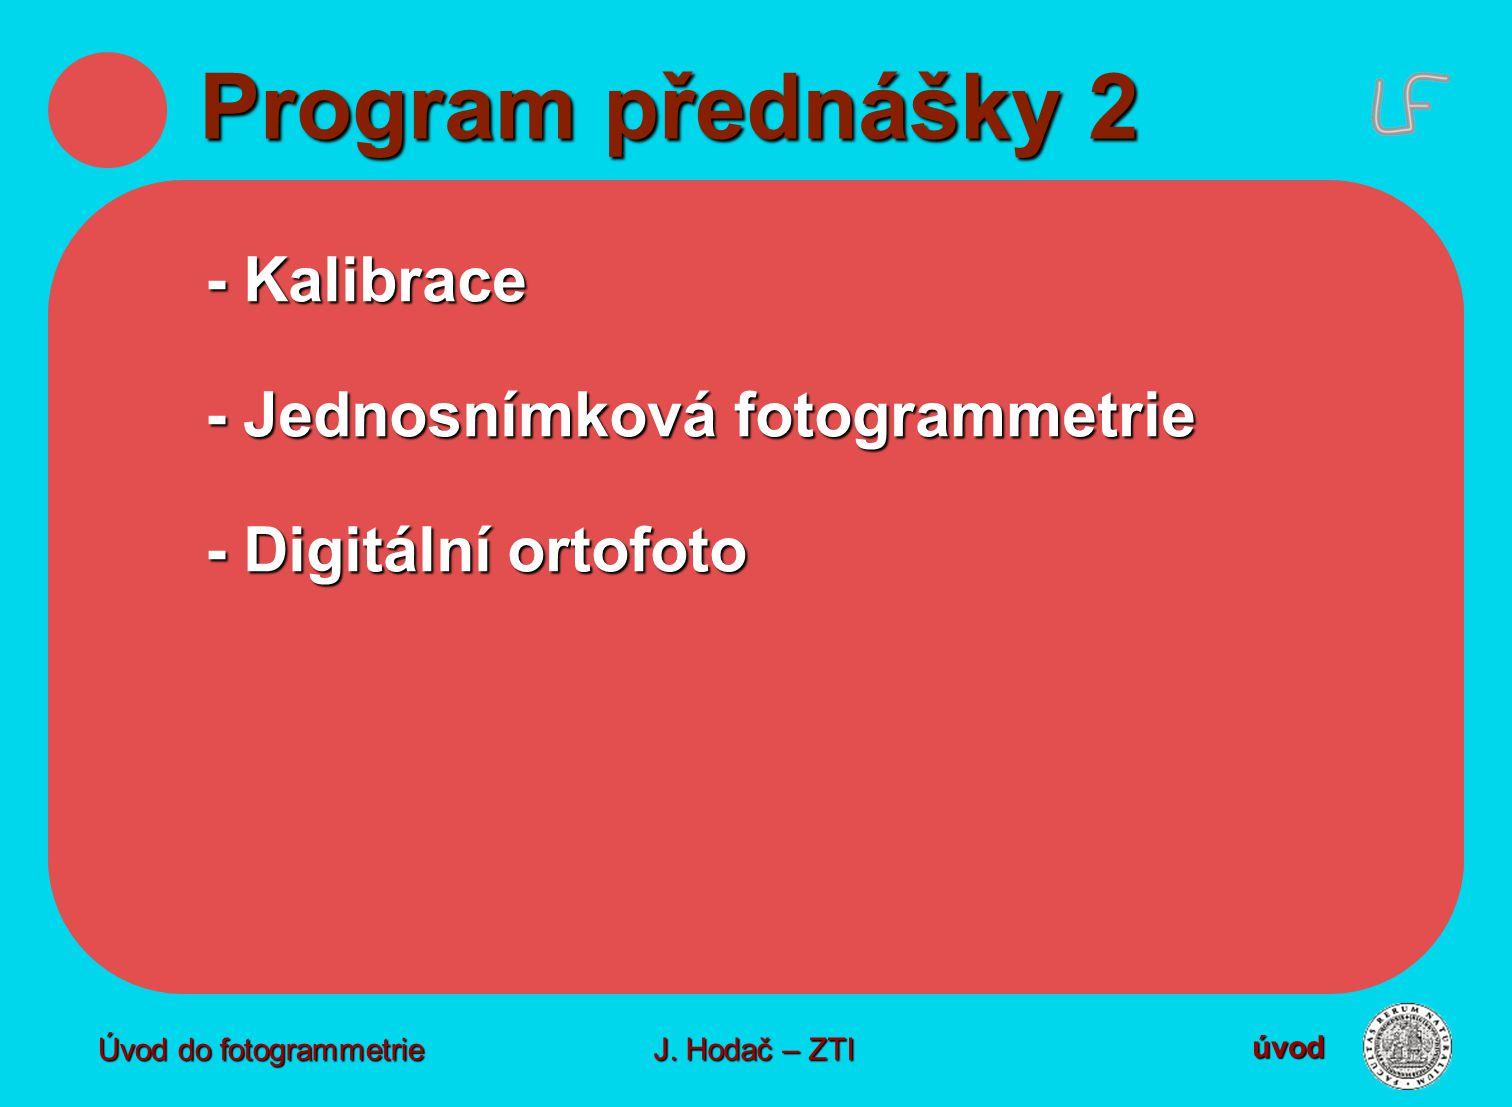 Program přednášky 2 - Kalibrace - Jednosnímková fotogrammetrie - Digitální ortofoto úvod J.